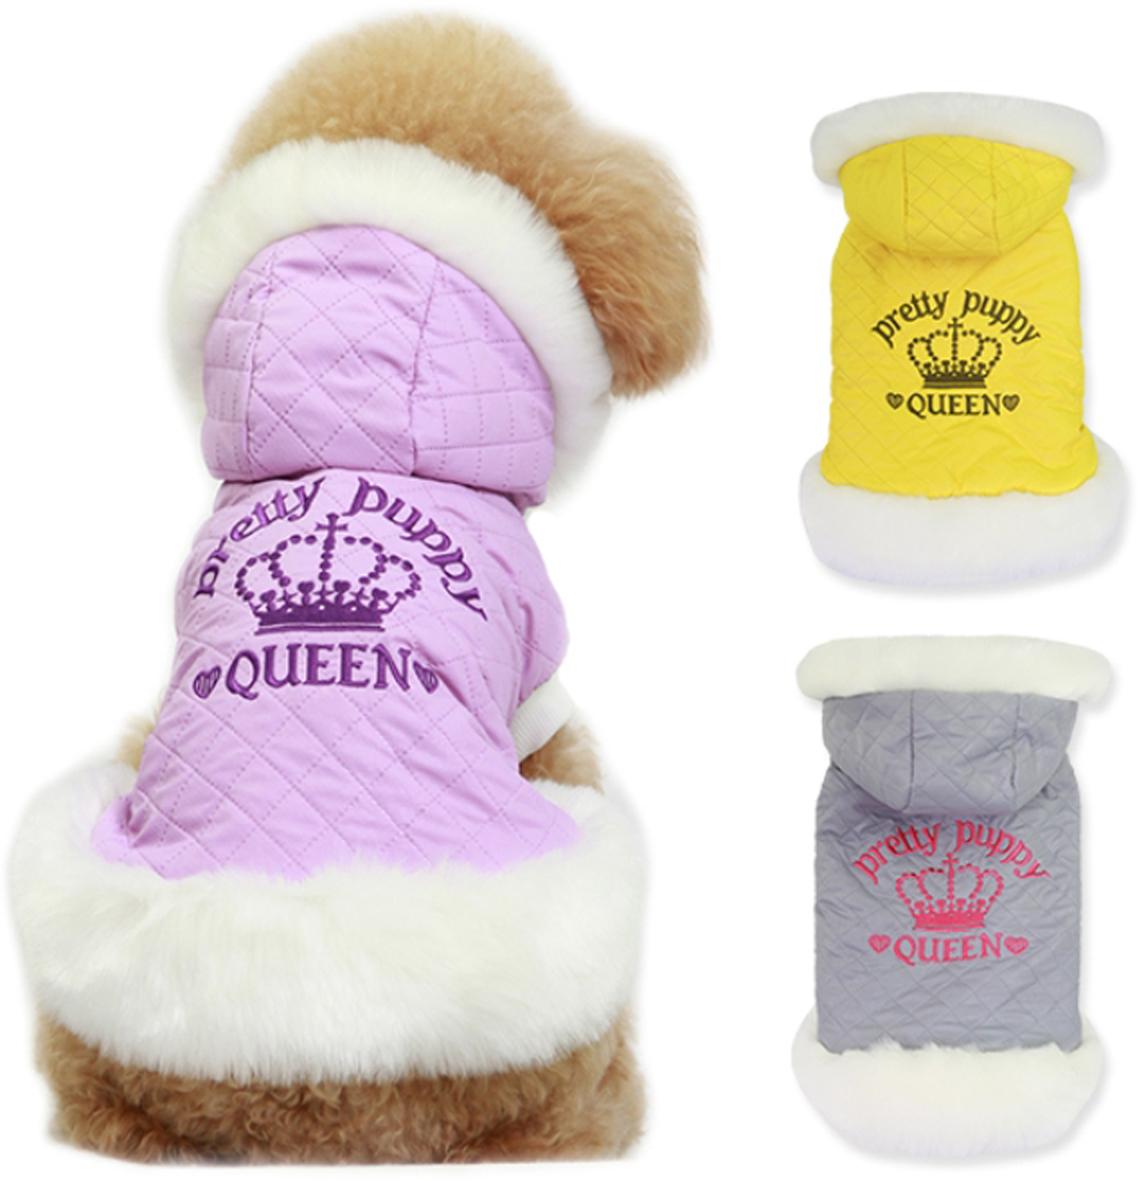 Куртка для собак Dobaz Pretty Puppy, цвет: сиреневый. ДА14068АМ. Размер MДА14068АМКуртка для собак Dobaz Pretty Puppy выполнена из плотной непромокаемой ткани с декоративной стежкой. Воротник и нижний край изделия оторочены белым мехом, подкладка также выполнена из меха. На спине куртка декорирована вышивкой. Обхват шеи: 27 см.Обхват груди: 42 см.Длина спинки: 28 см.Одежда для собак: нужна ли она и как её выбрать. Статья OZON Гид